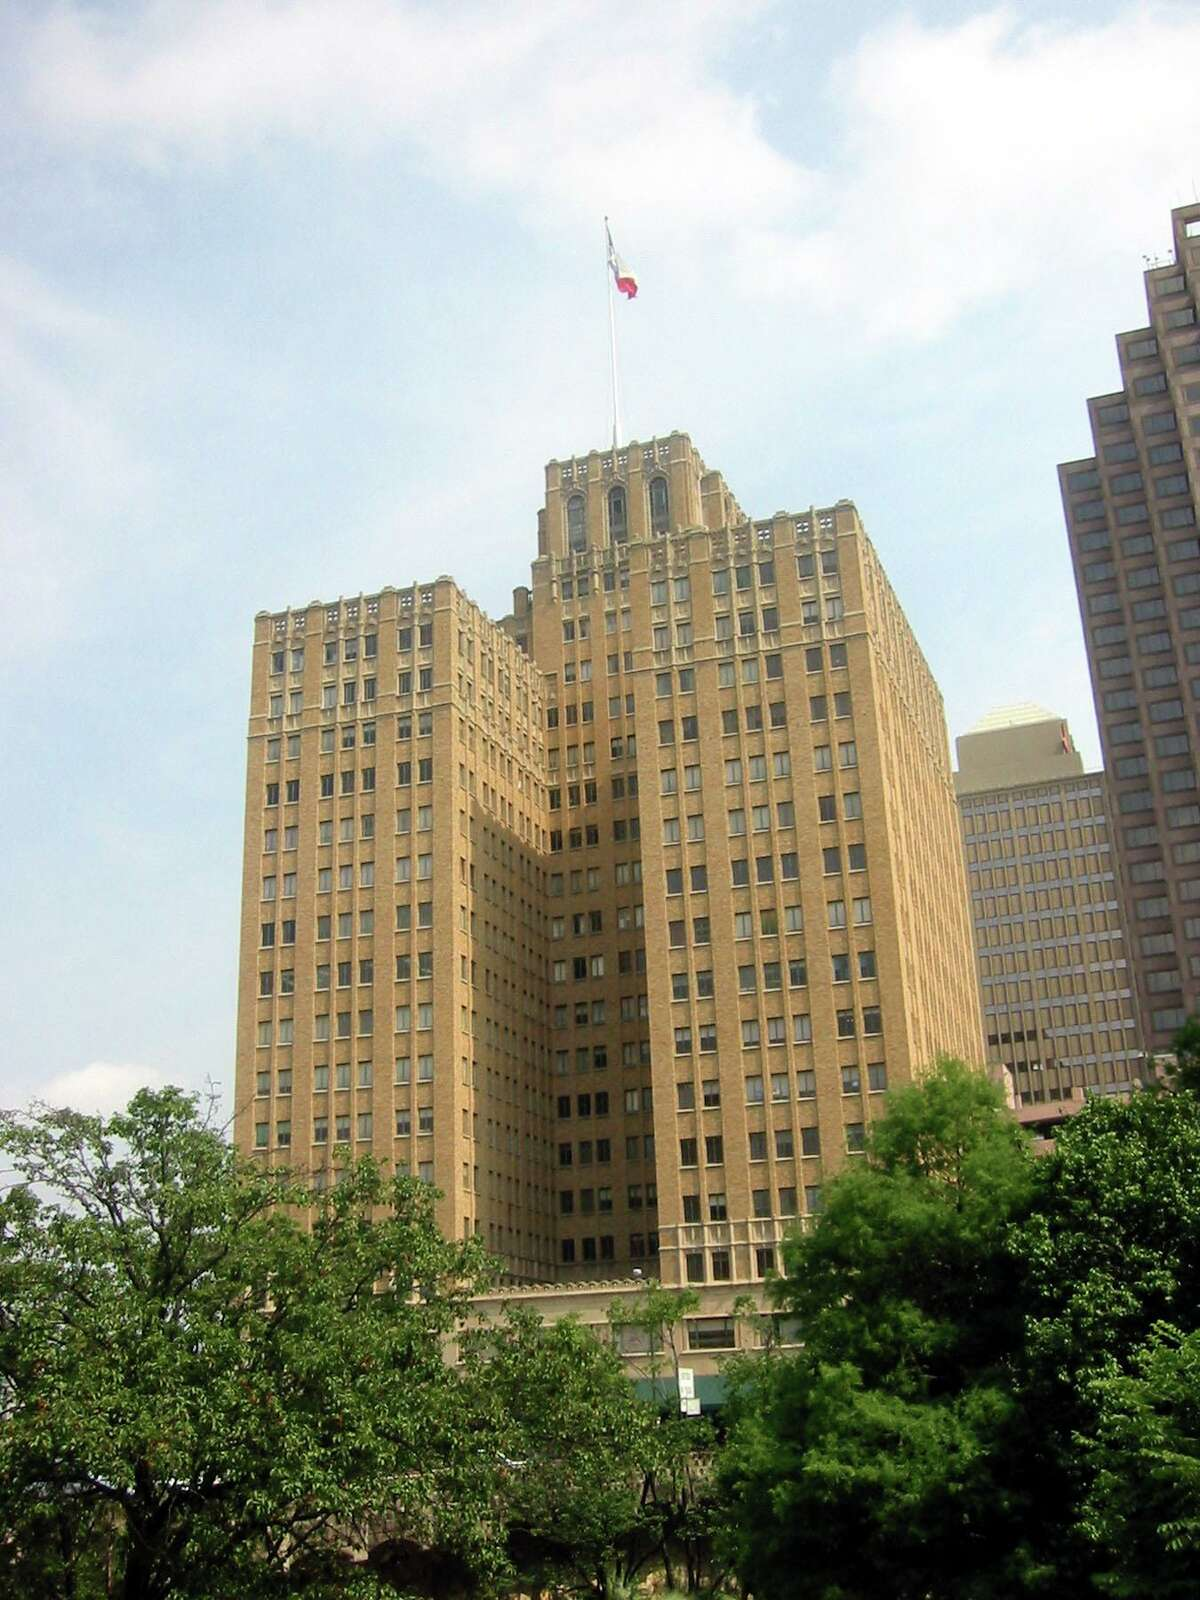 Weston Urban bought the Milam Building in San Antonio in 2016.